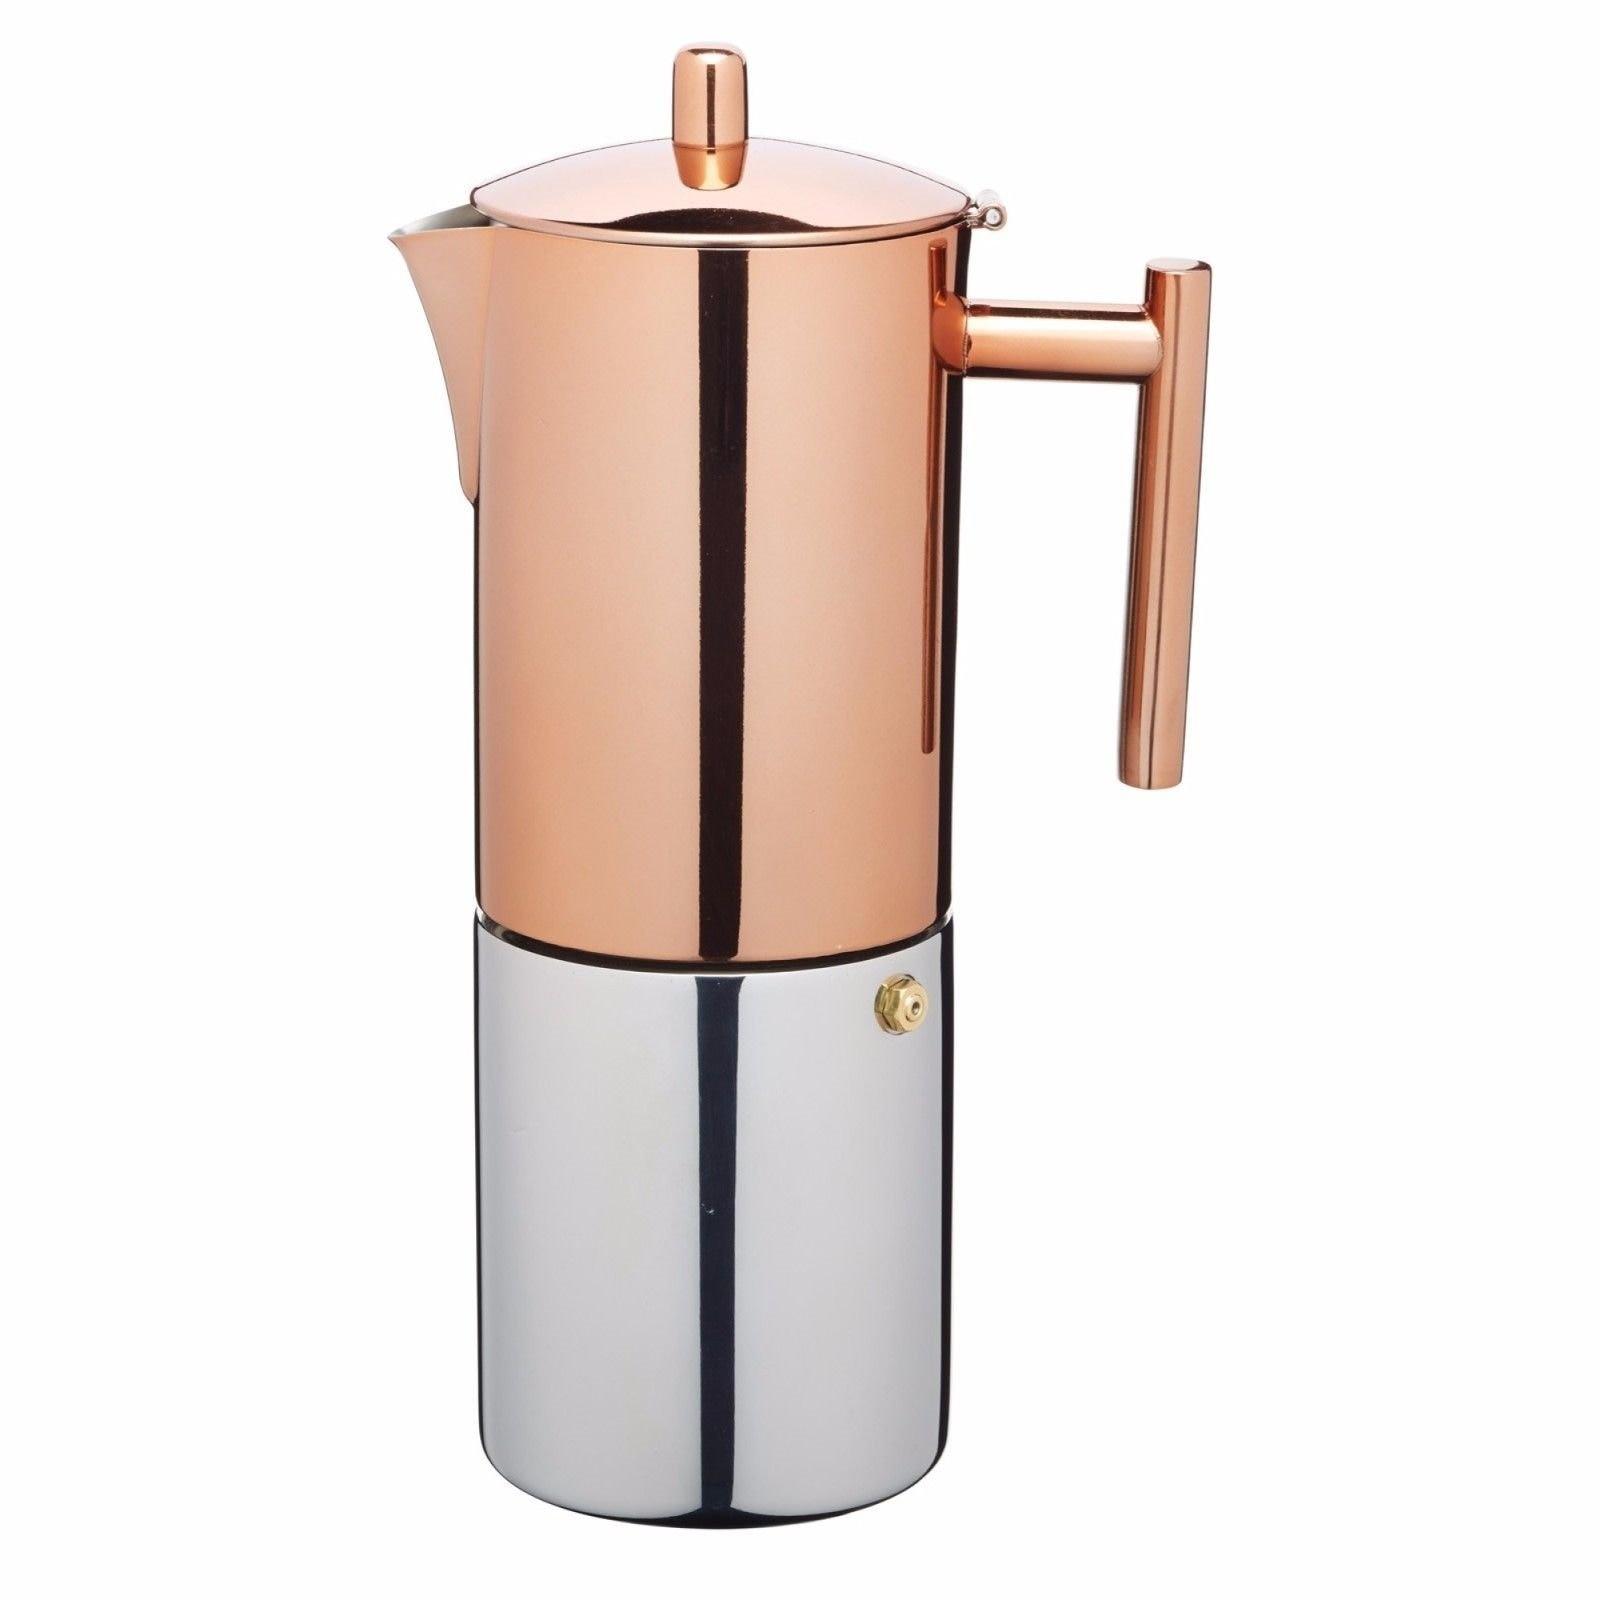 Lángelosztó kotyogós kávéfőzőhöz gáztűzhelyre eMAG.hu